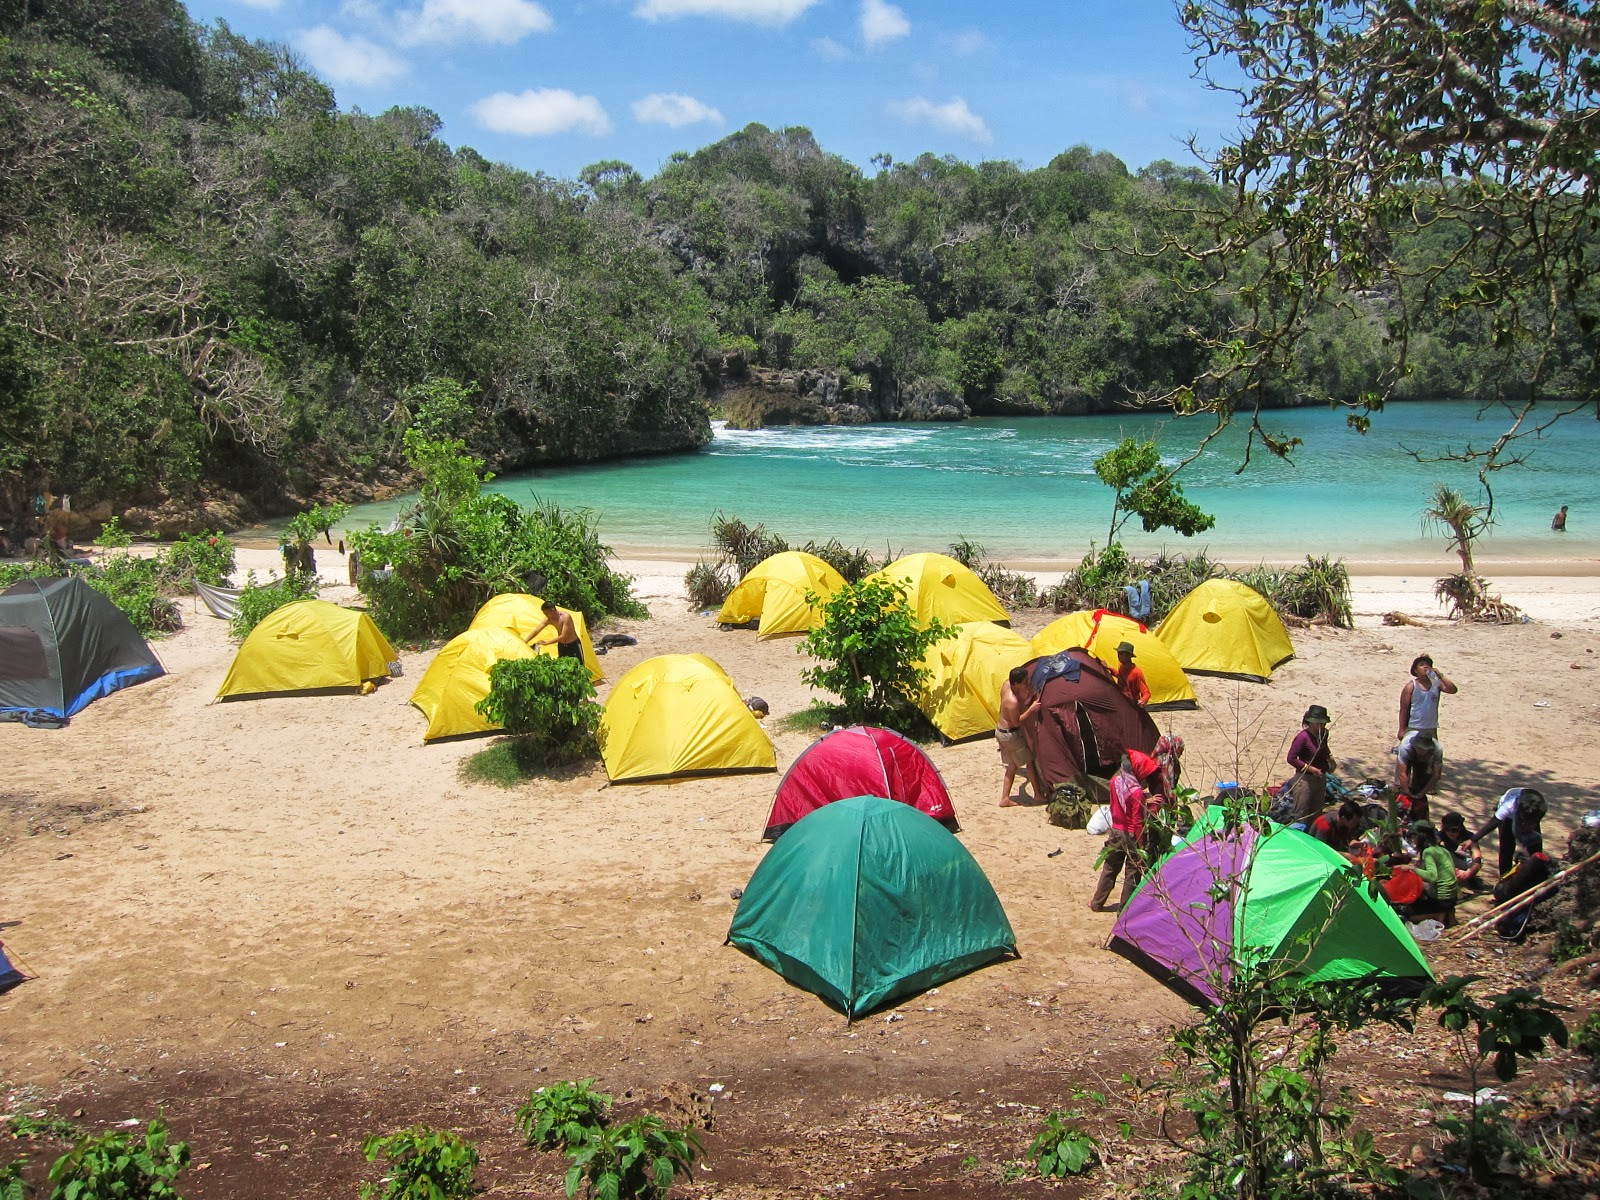 Limakaki Camping Asyik Pinggir Pantai Kesini Aja Yuk Dijamin Betah